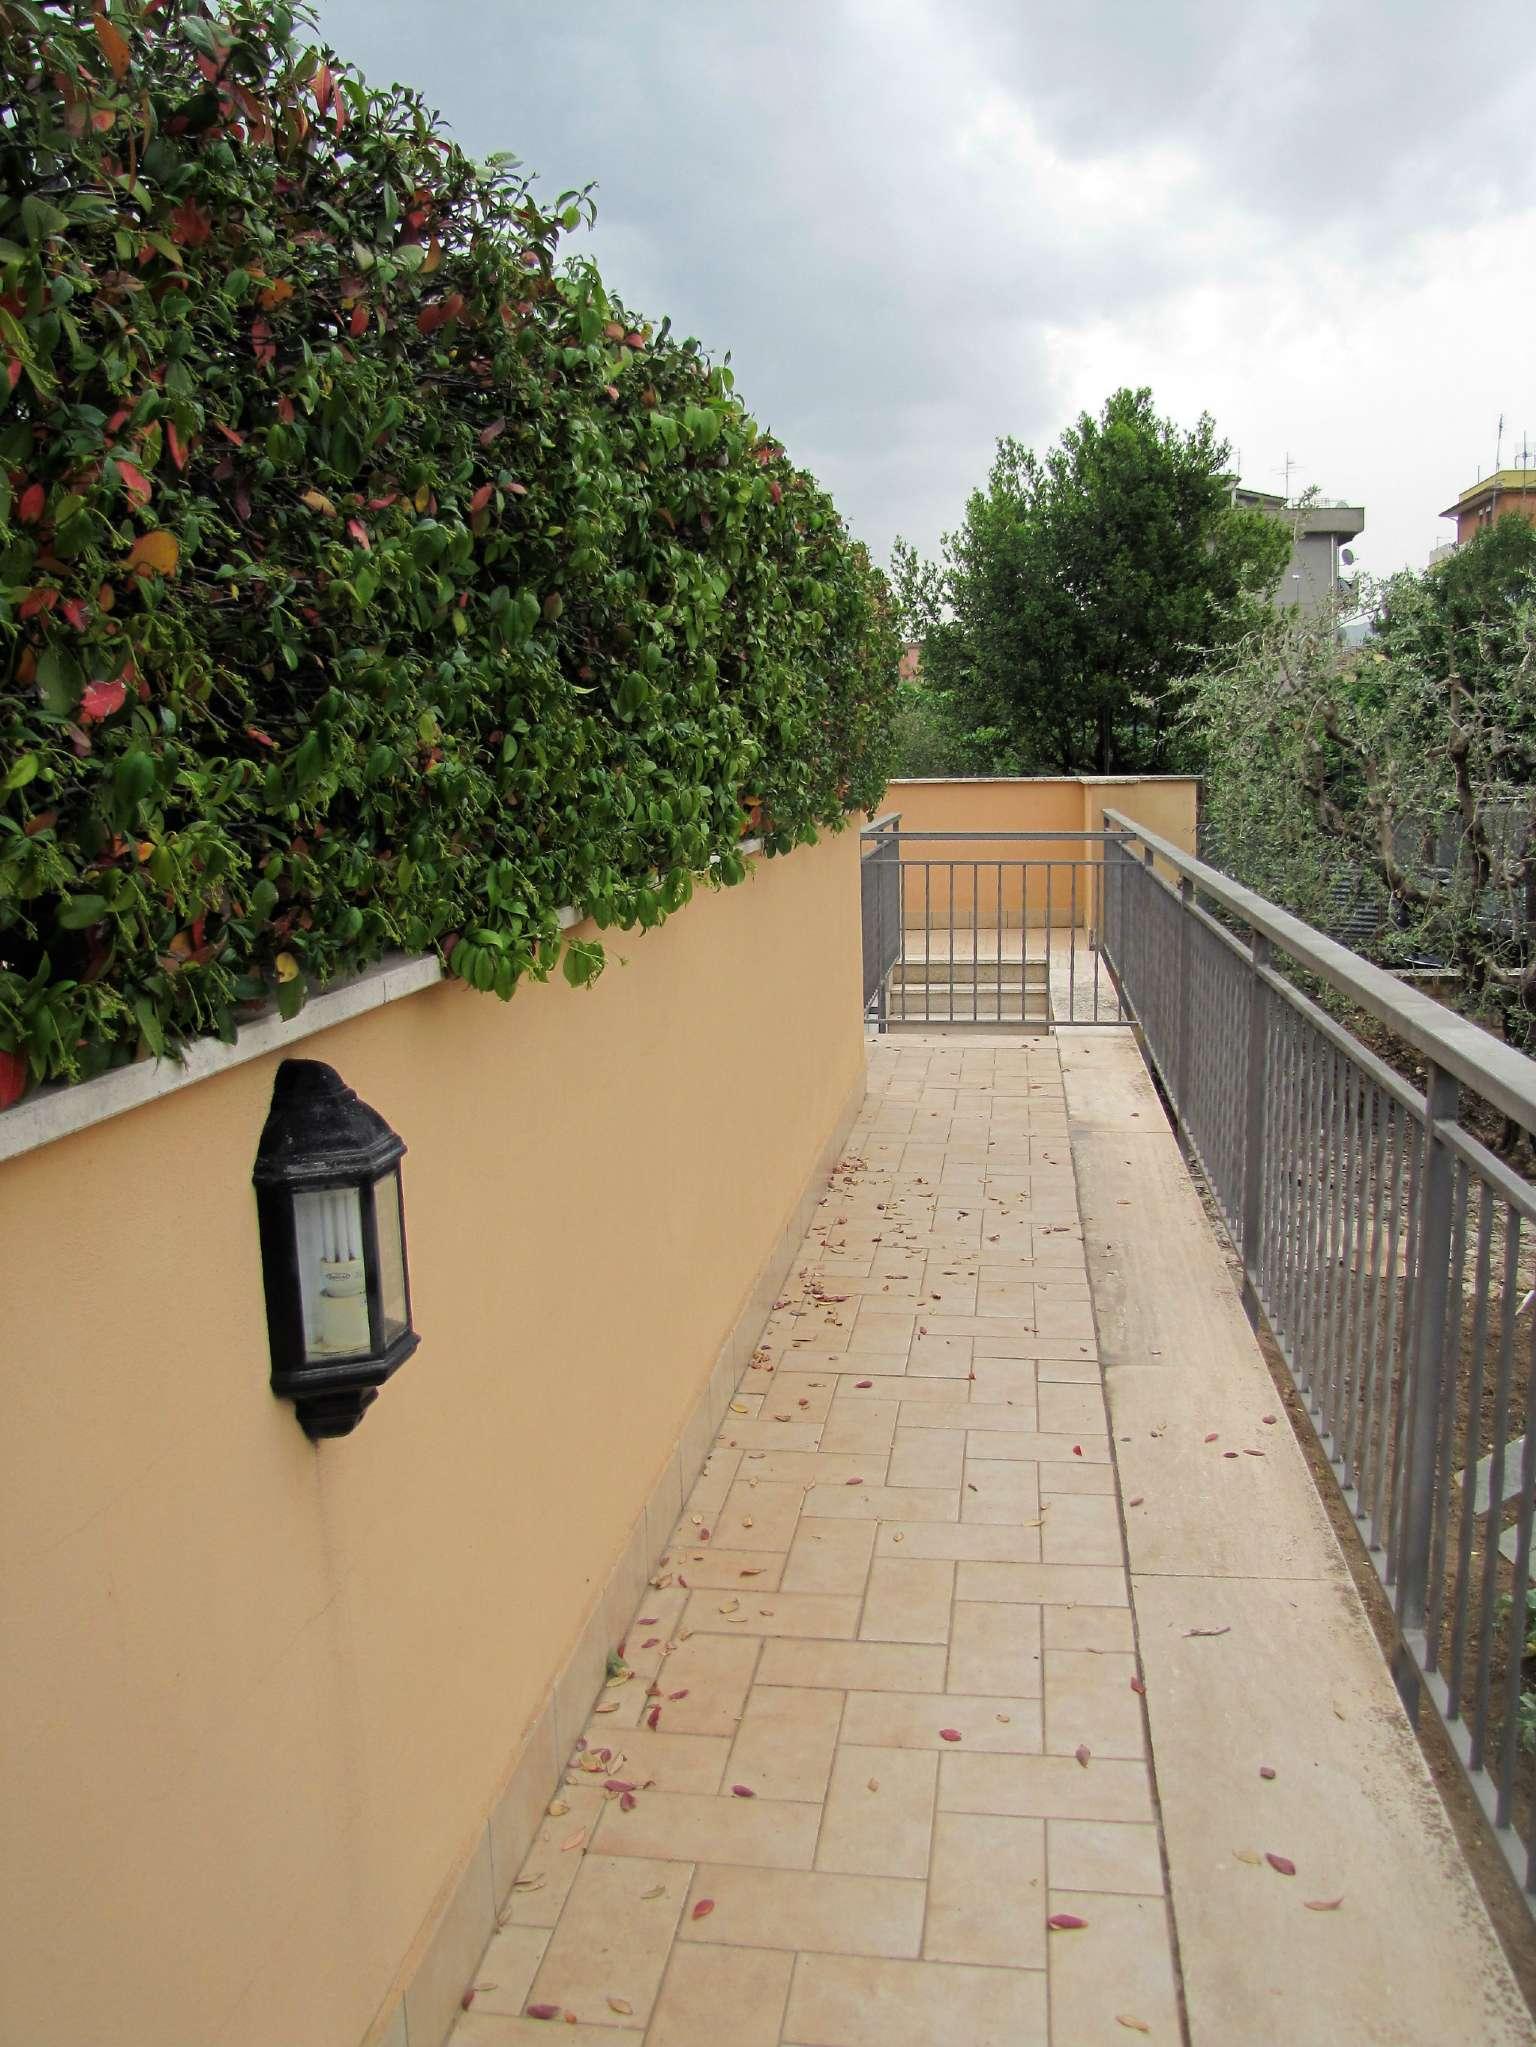 Foto 20 di Villa a Schiera via MITTA 6, Roma (zona Finocchio - Torre Gaia - Tor Vergata)